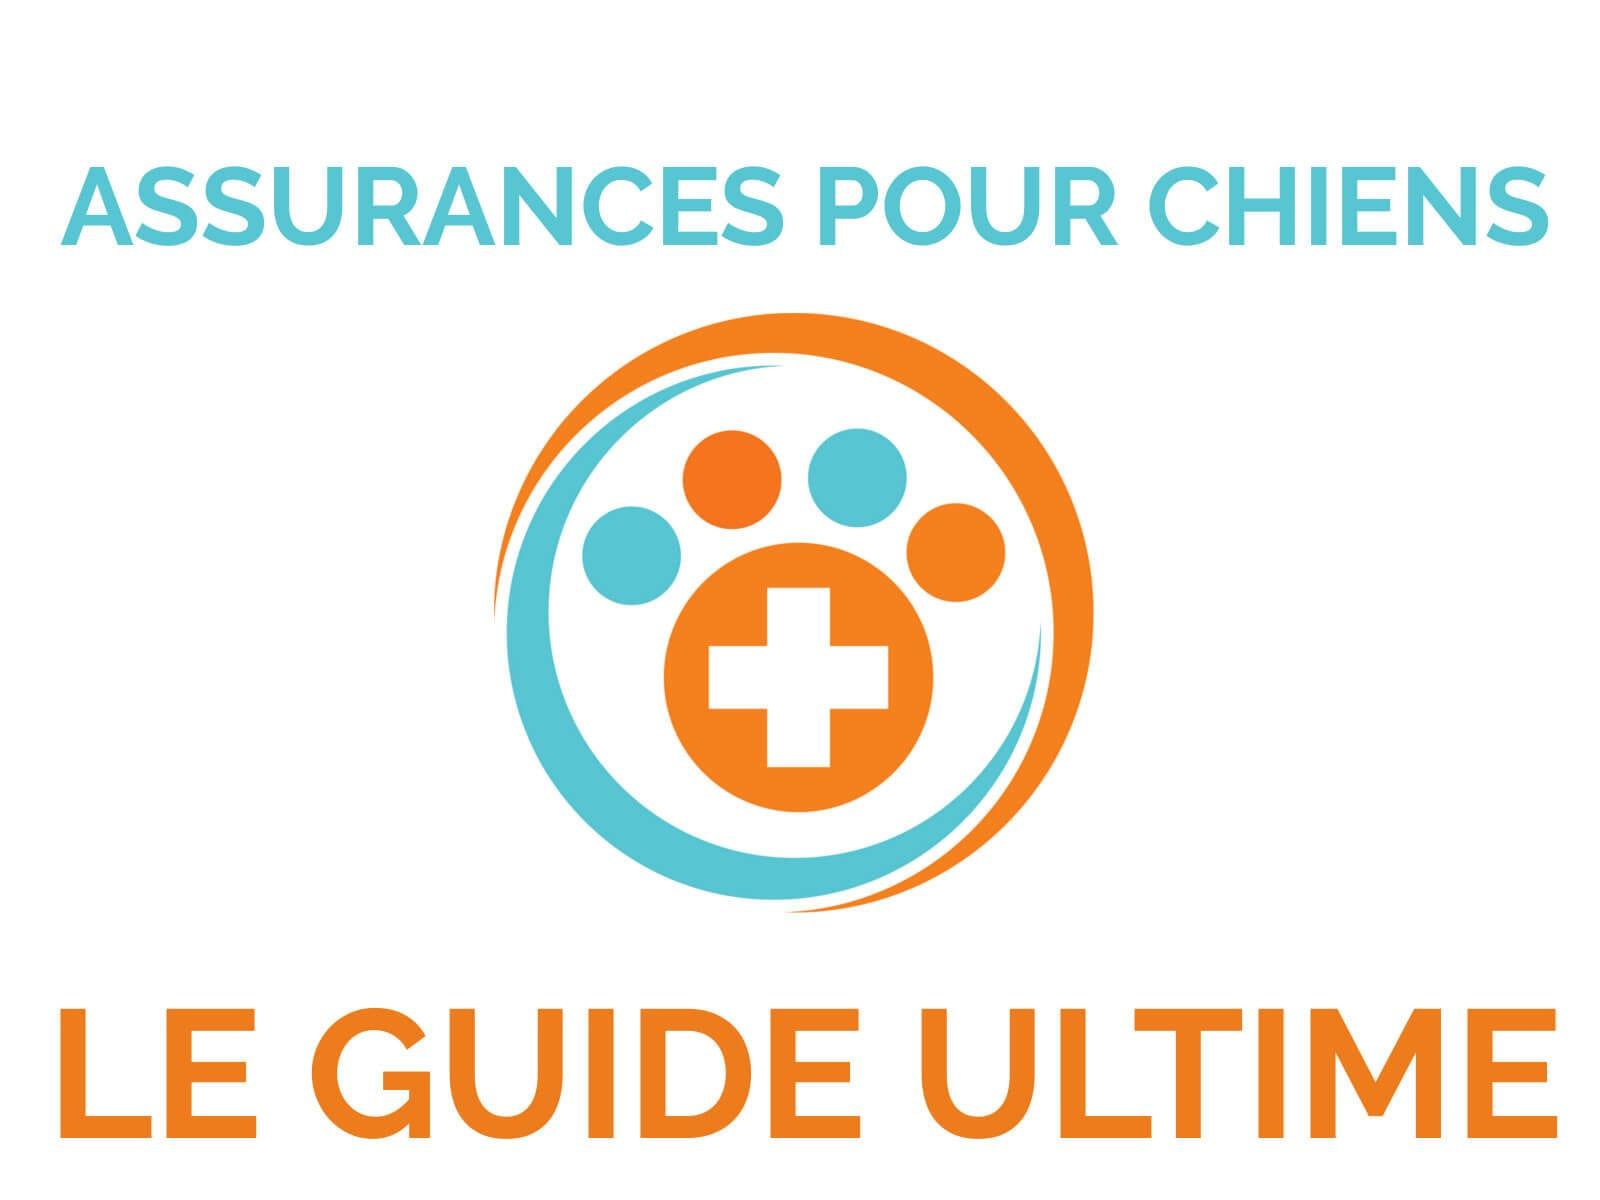 assurances-pour-chien-guide